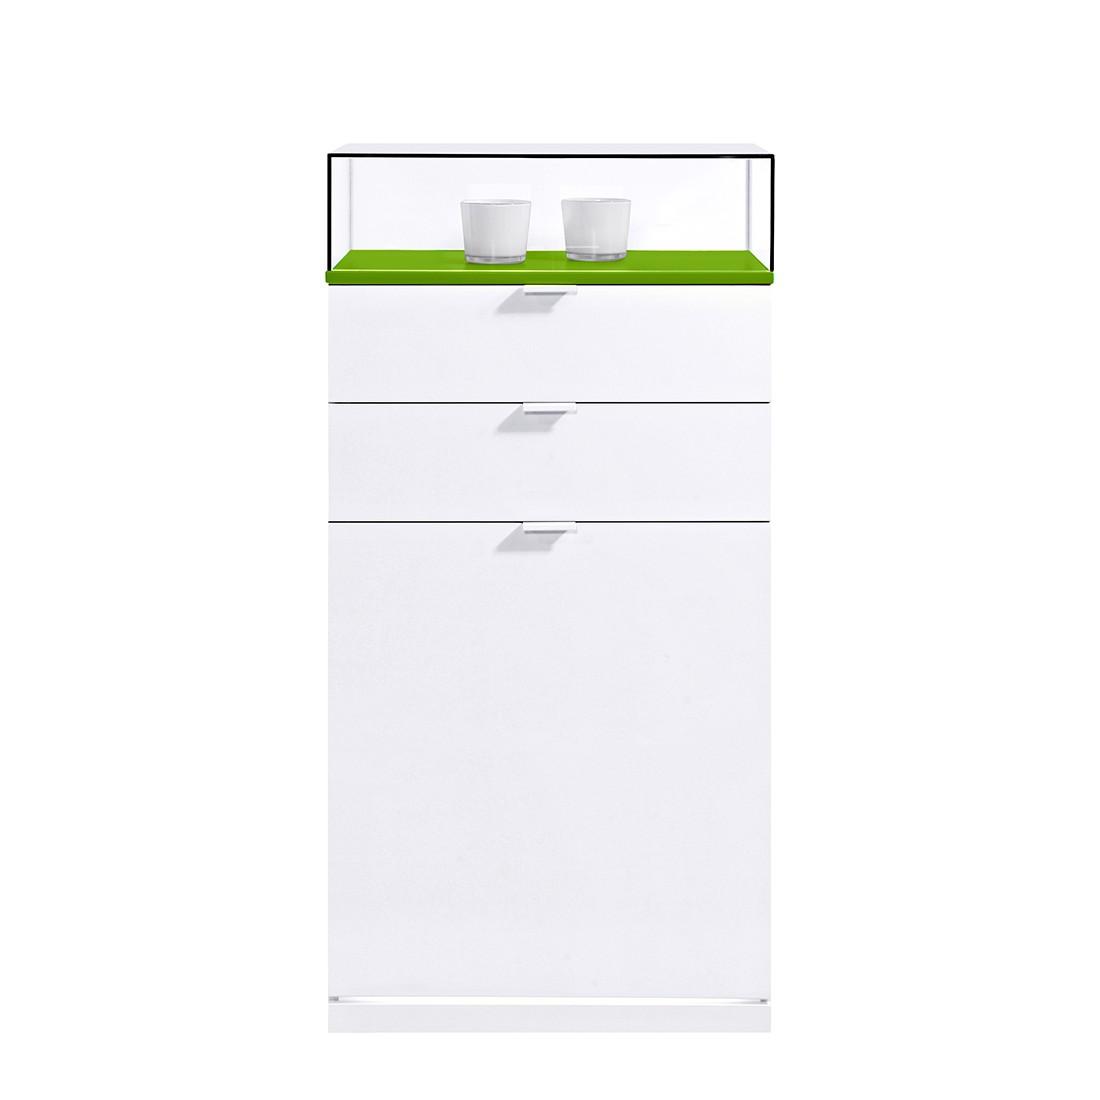 Schuhkommode VIP II – Weiß/Grün (Mit LED-Beleuchtung und Glasaufsatz)